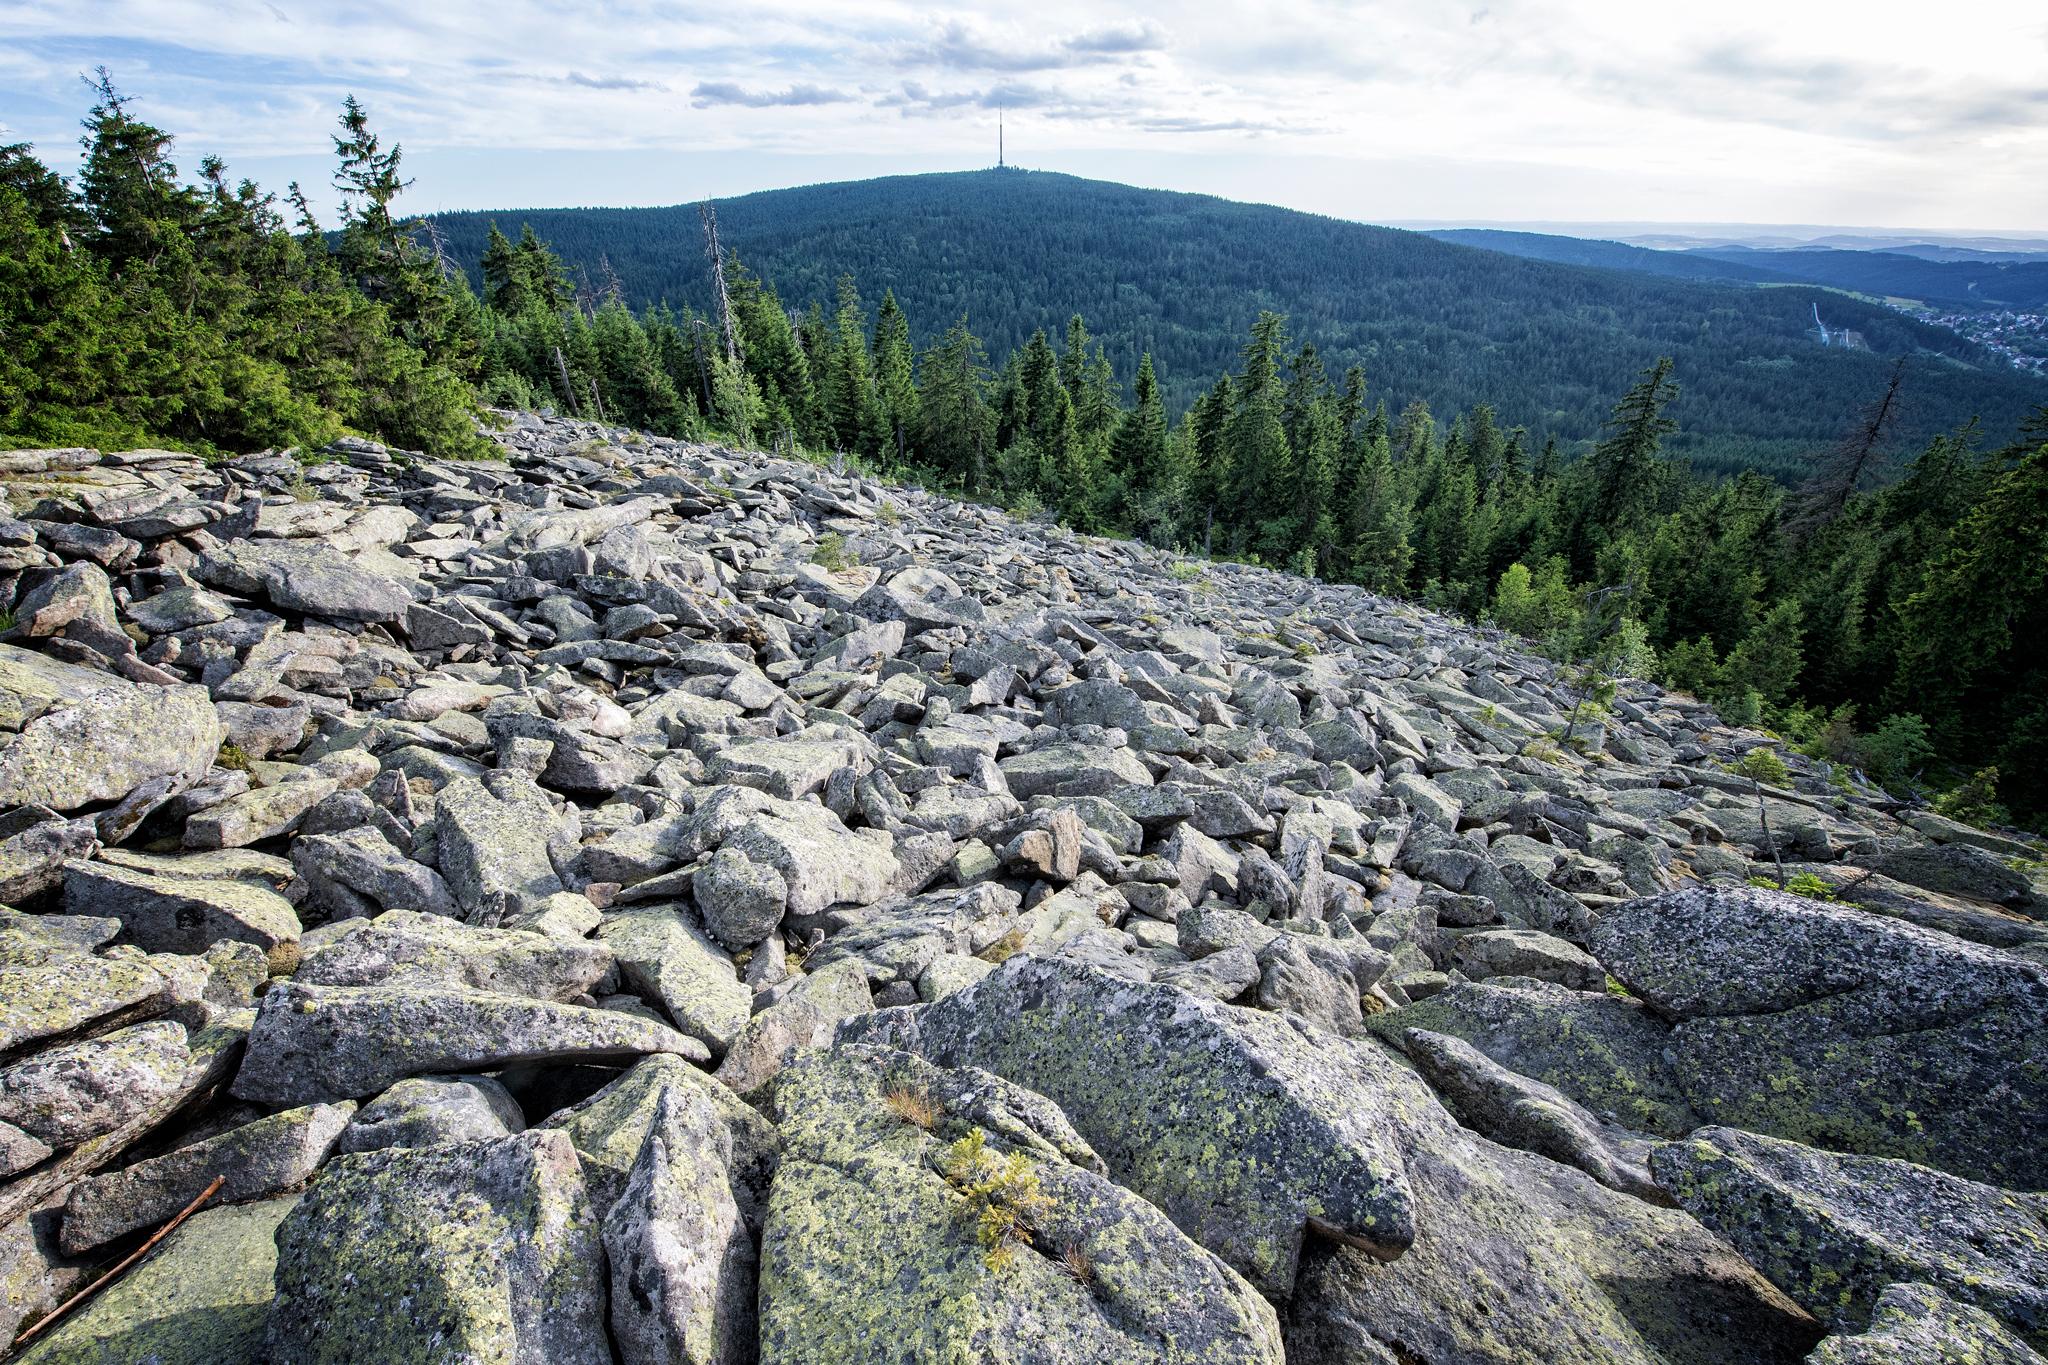 Blick vom Blockmeer des Habersteins, im Hintergrund der Ochsenkopf, zweithöchster Berg des Fichtelgebirges © TZ Fichtelgebirge/F. Trykowski